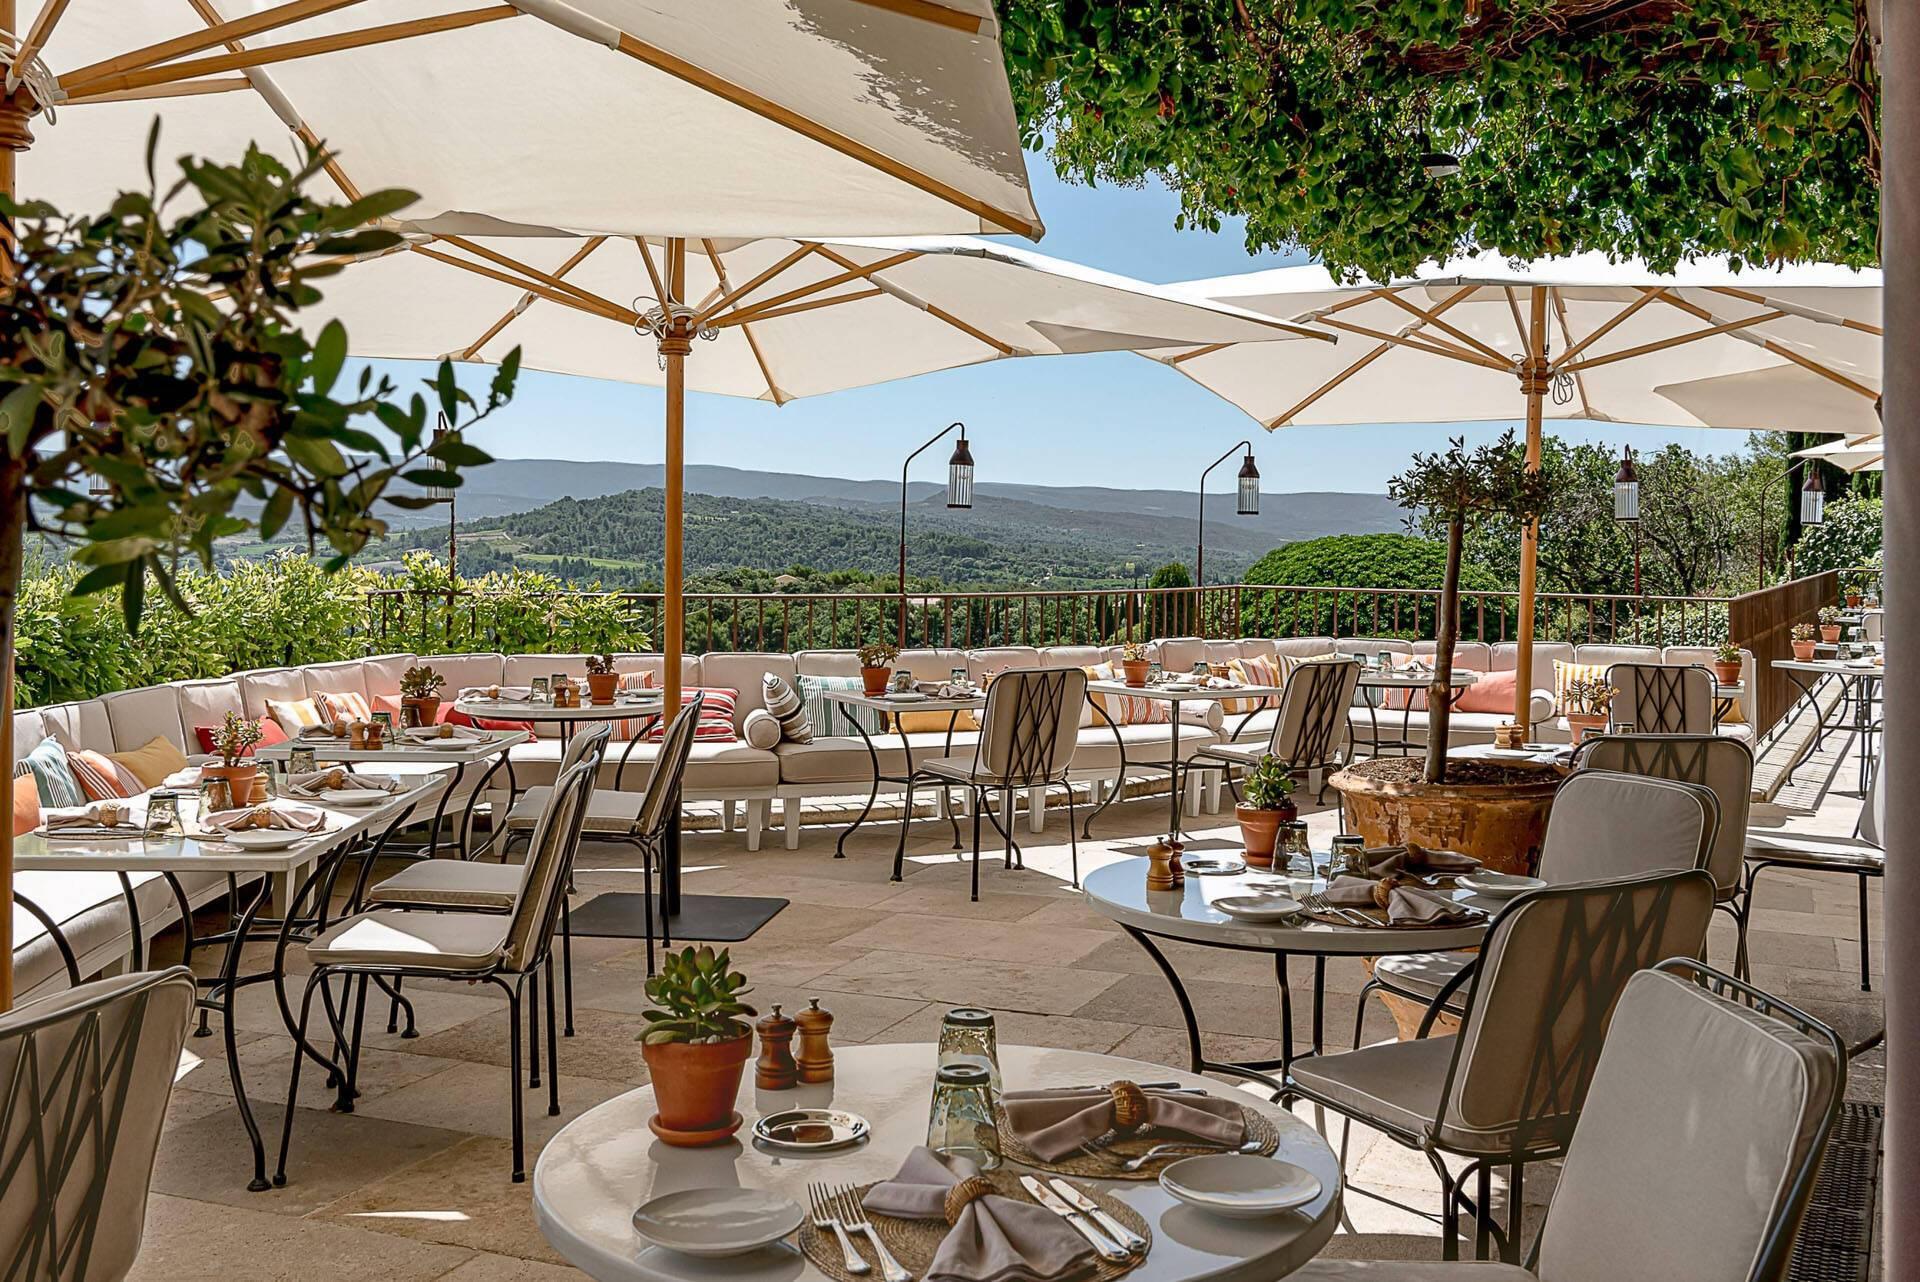 Hotel Crillon Le Brave Provence P Locqueneux Terrasse